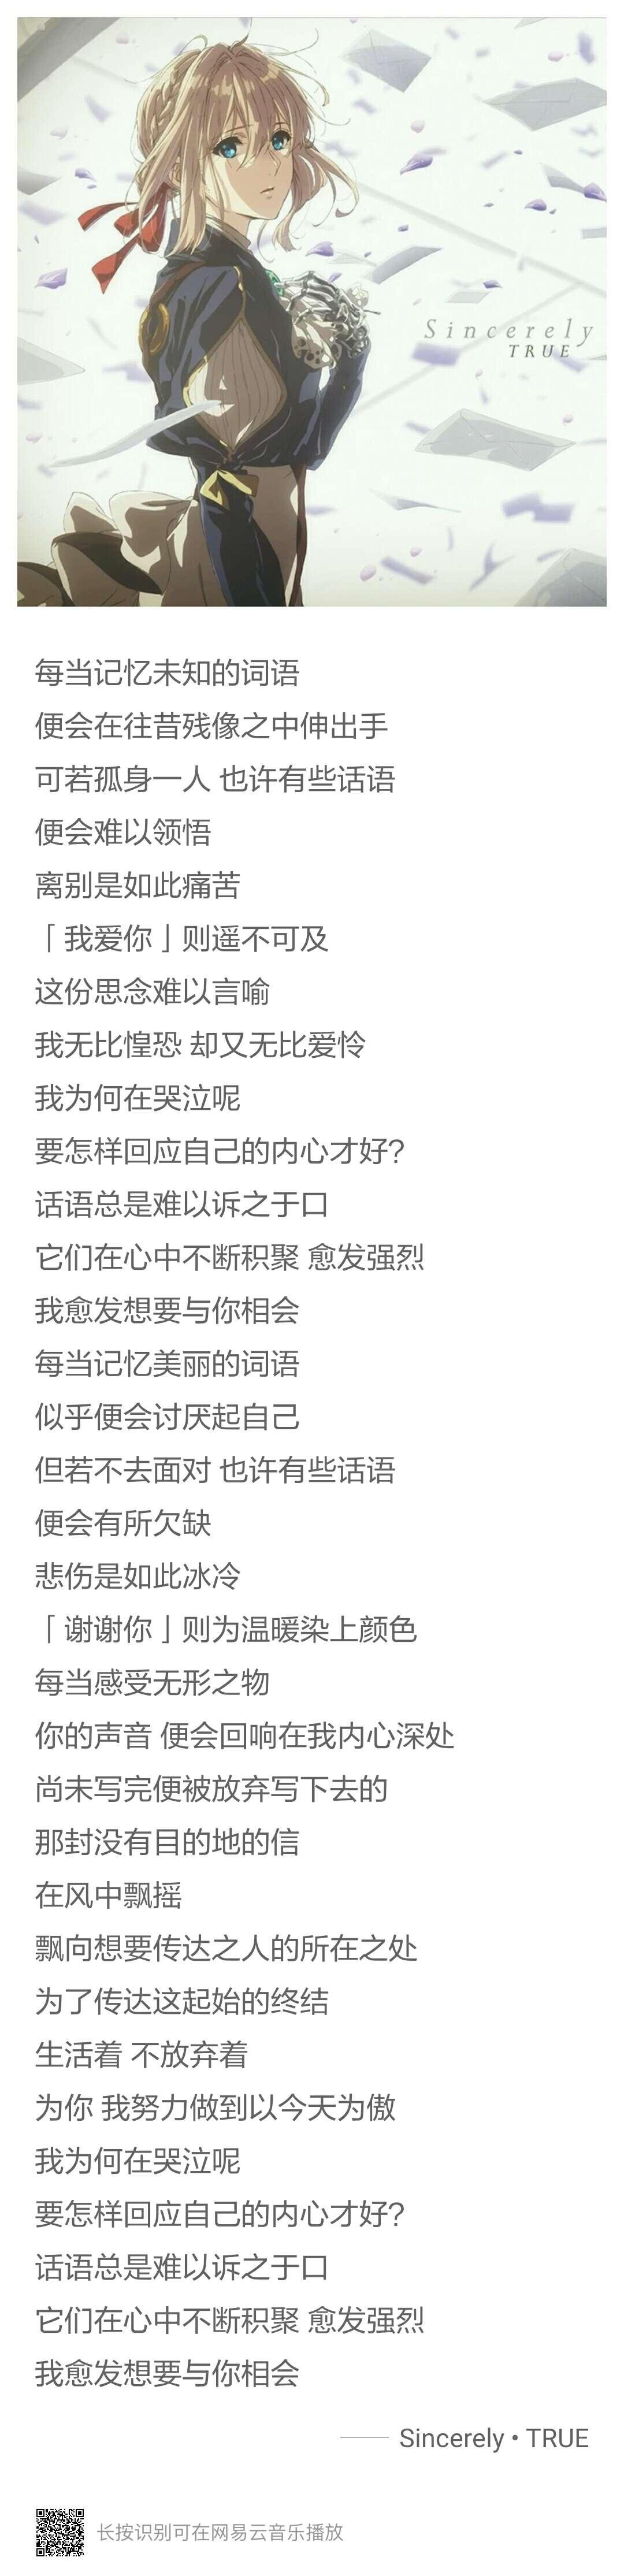 【音乐推荐】Sincerely,acg漫展